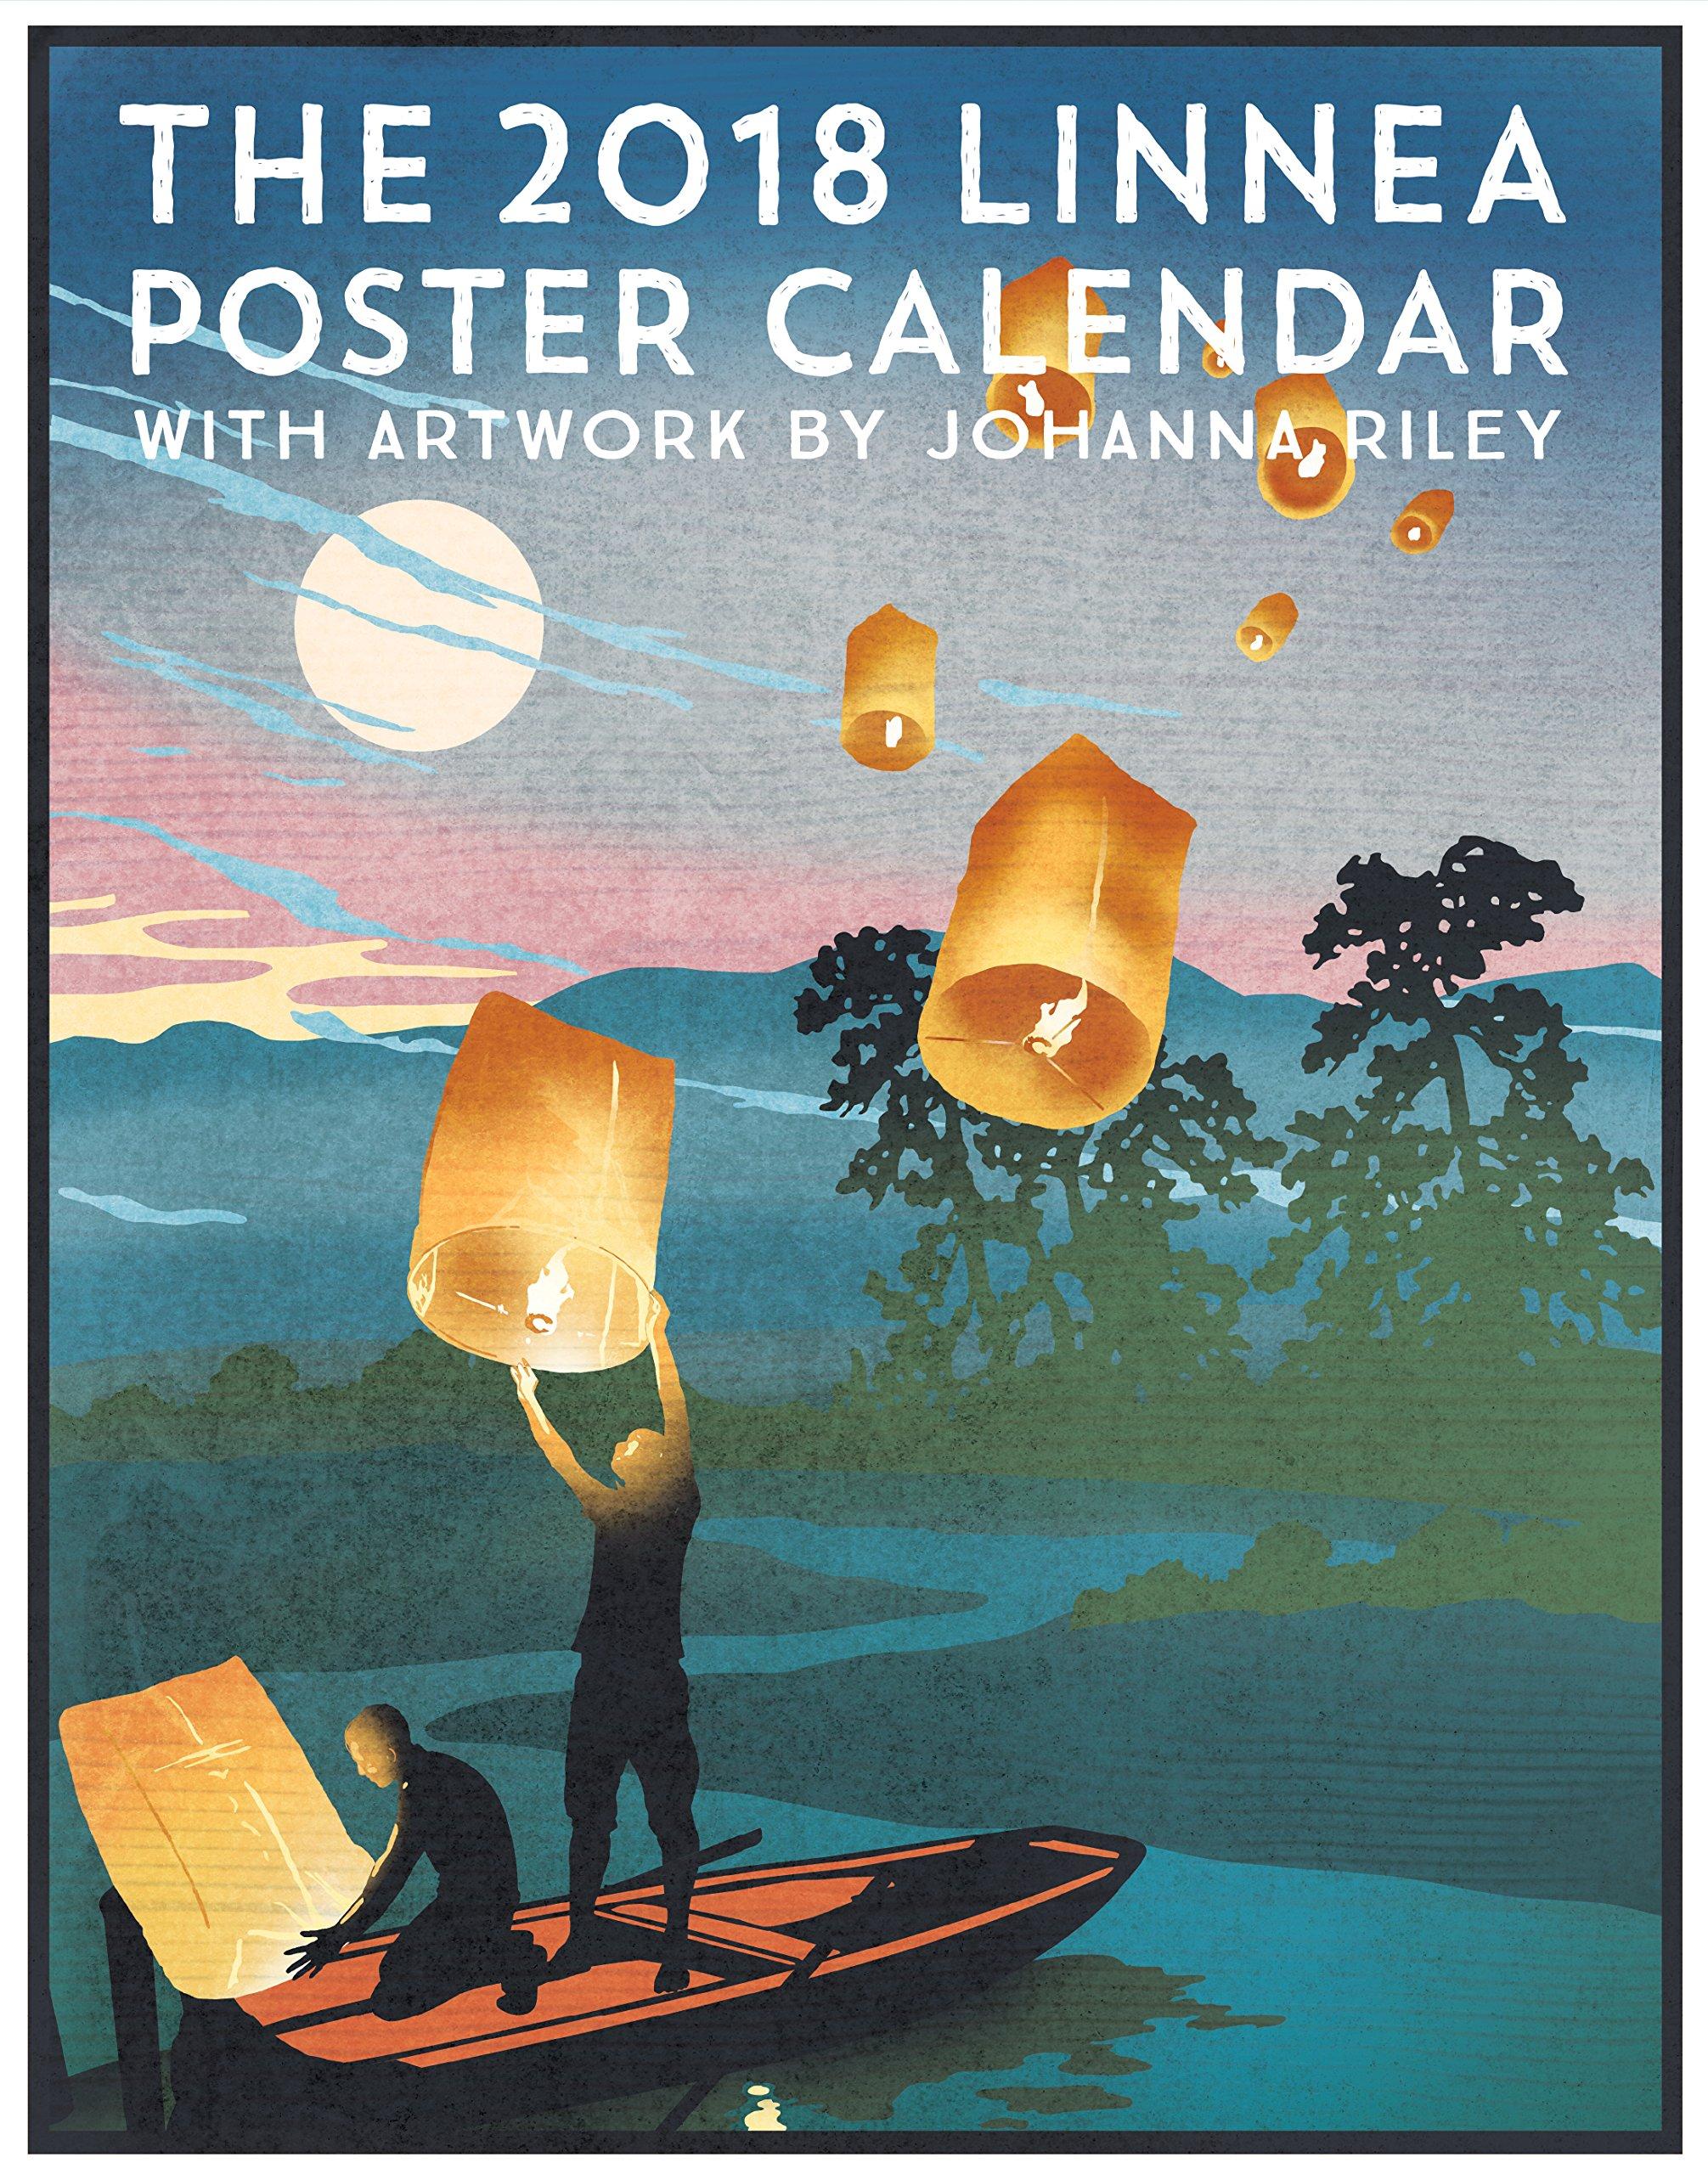 Linnea Design 2018 Poster Calendar Art By Johanna Riley by Linnea Design